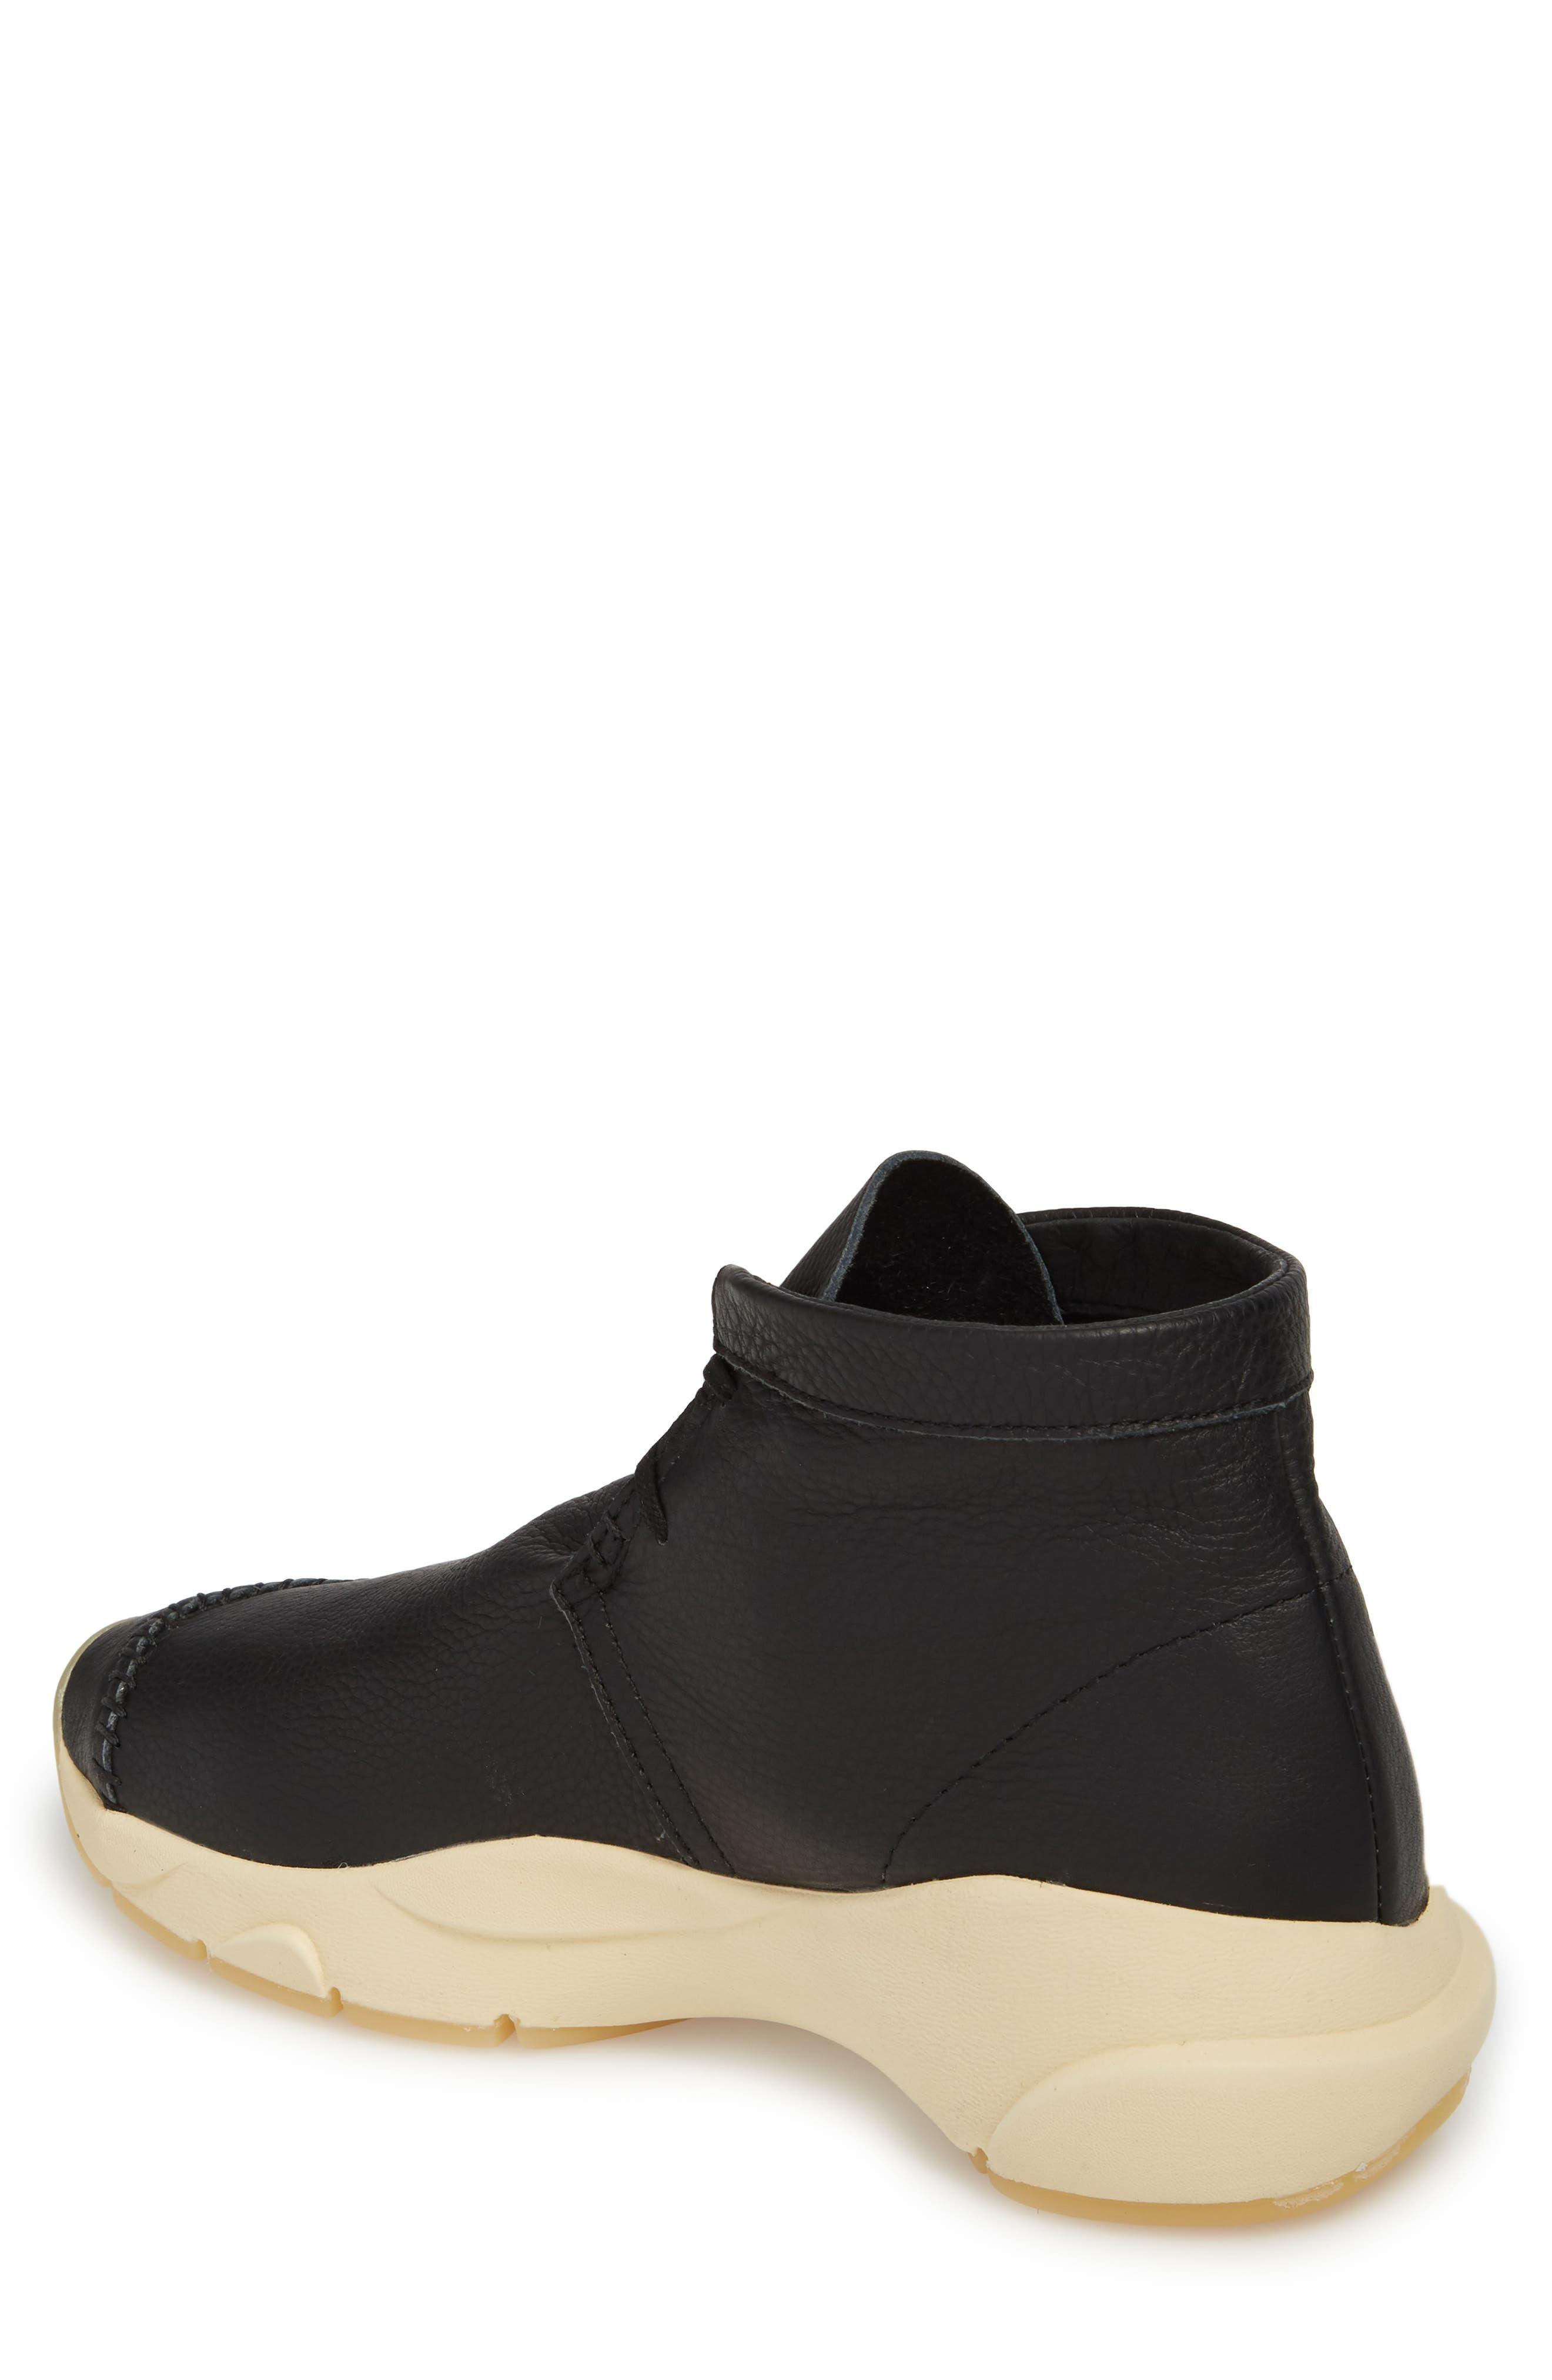 Castas Asymmetrical Chukka Sneaker,                             Alternate thumbnail 2, color,                             001